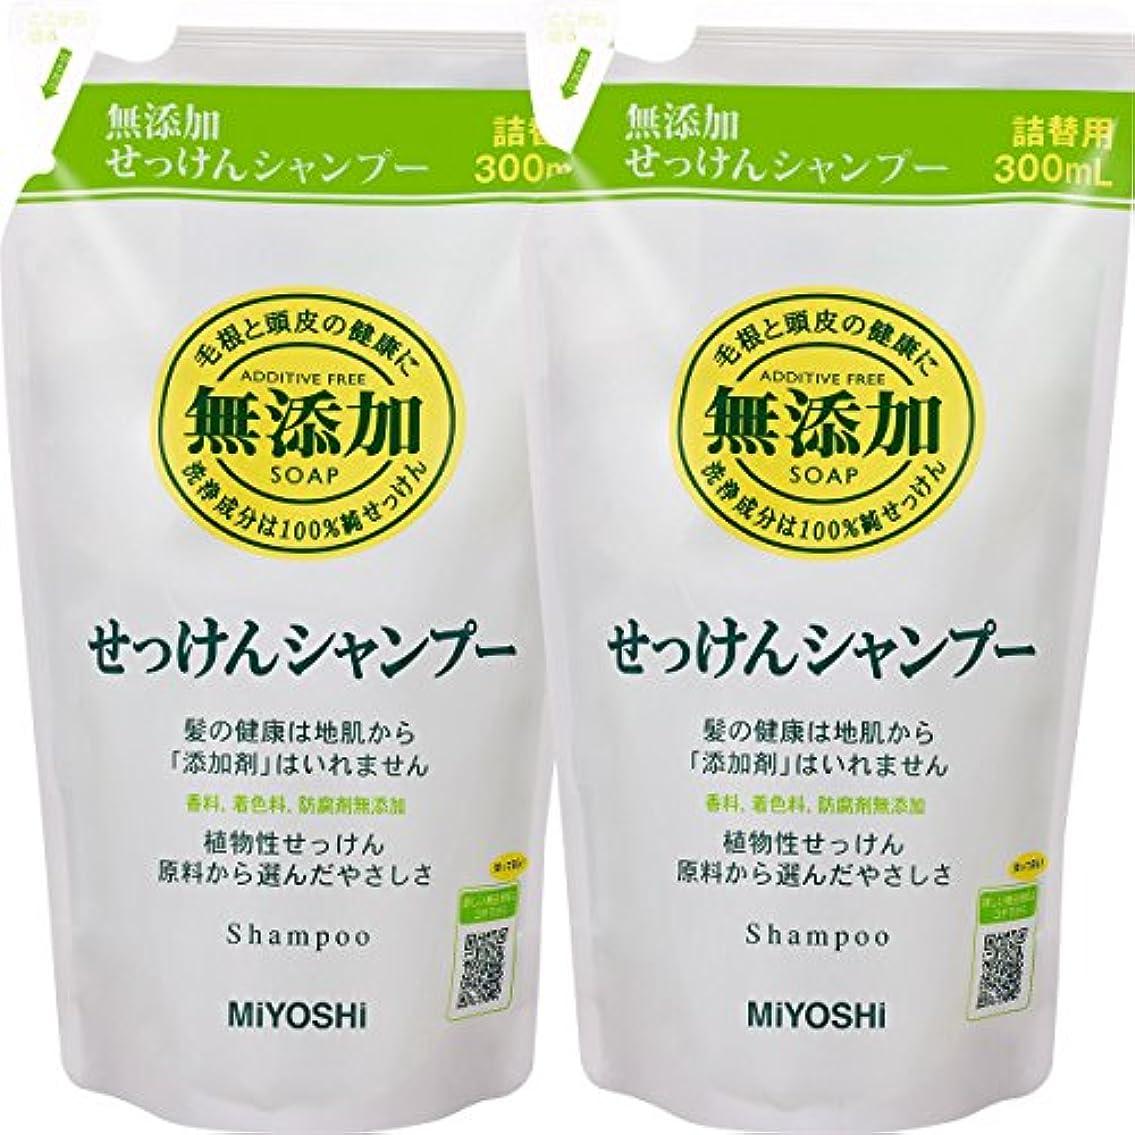 カナダメンタルピジンミヨシ石鹸【セット品】無添加 せっけんシャンプー 詰替用 300ml×2